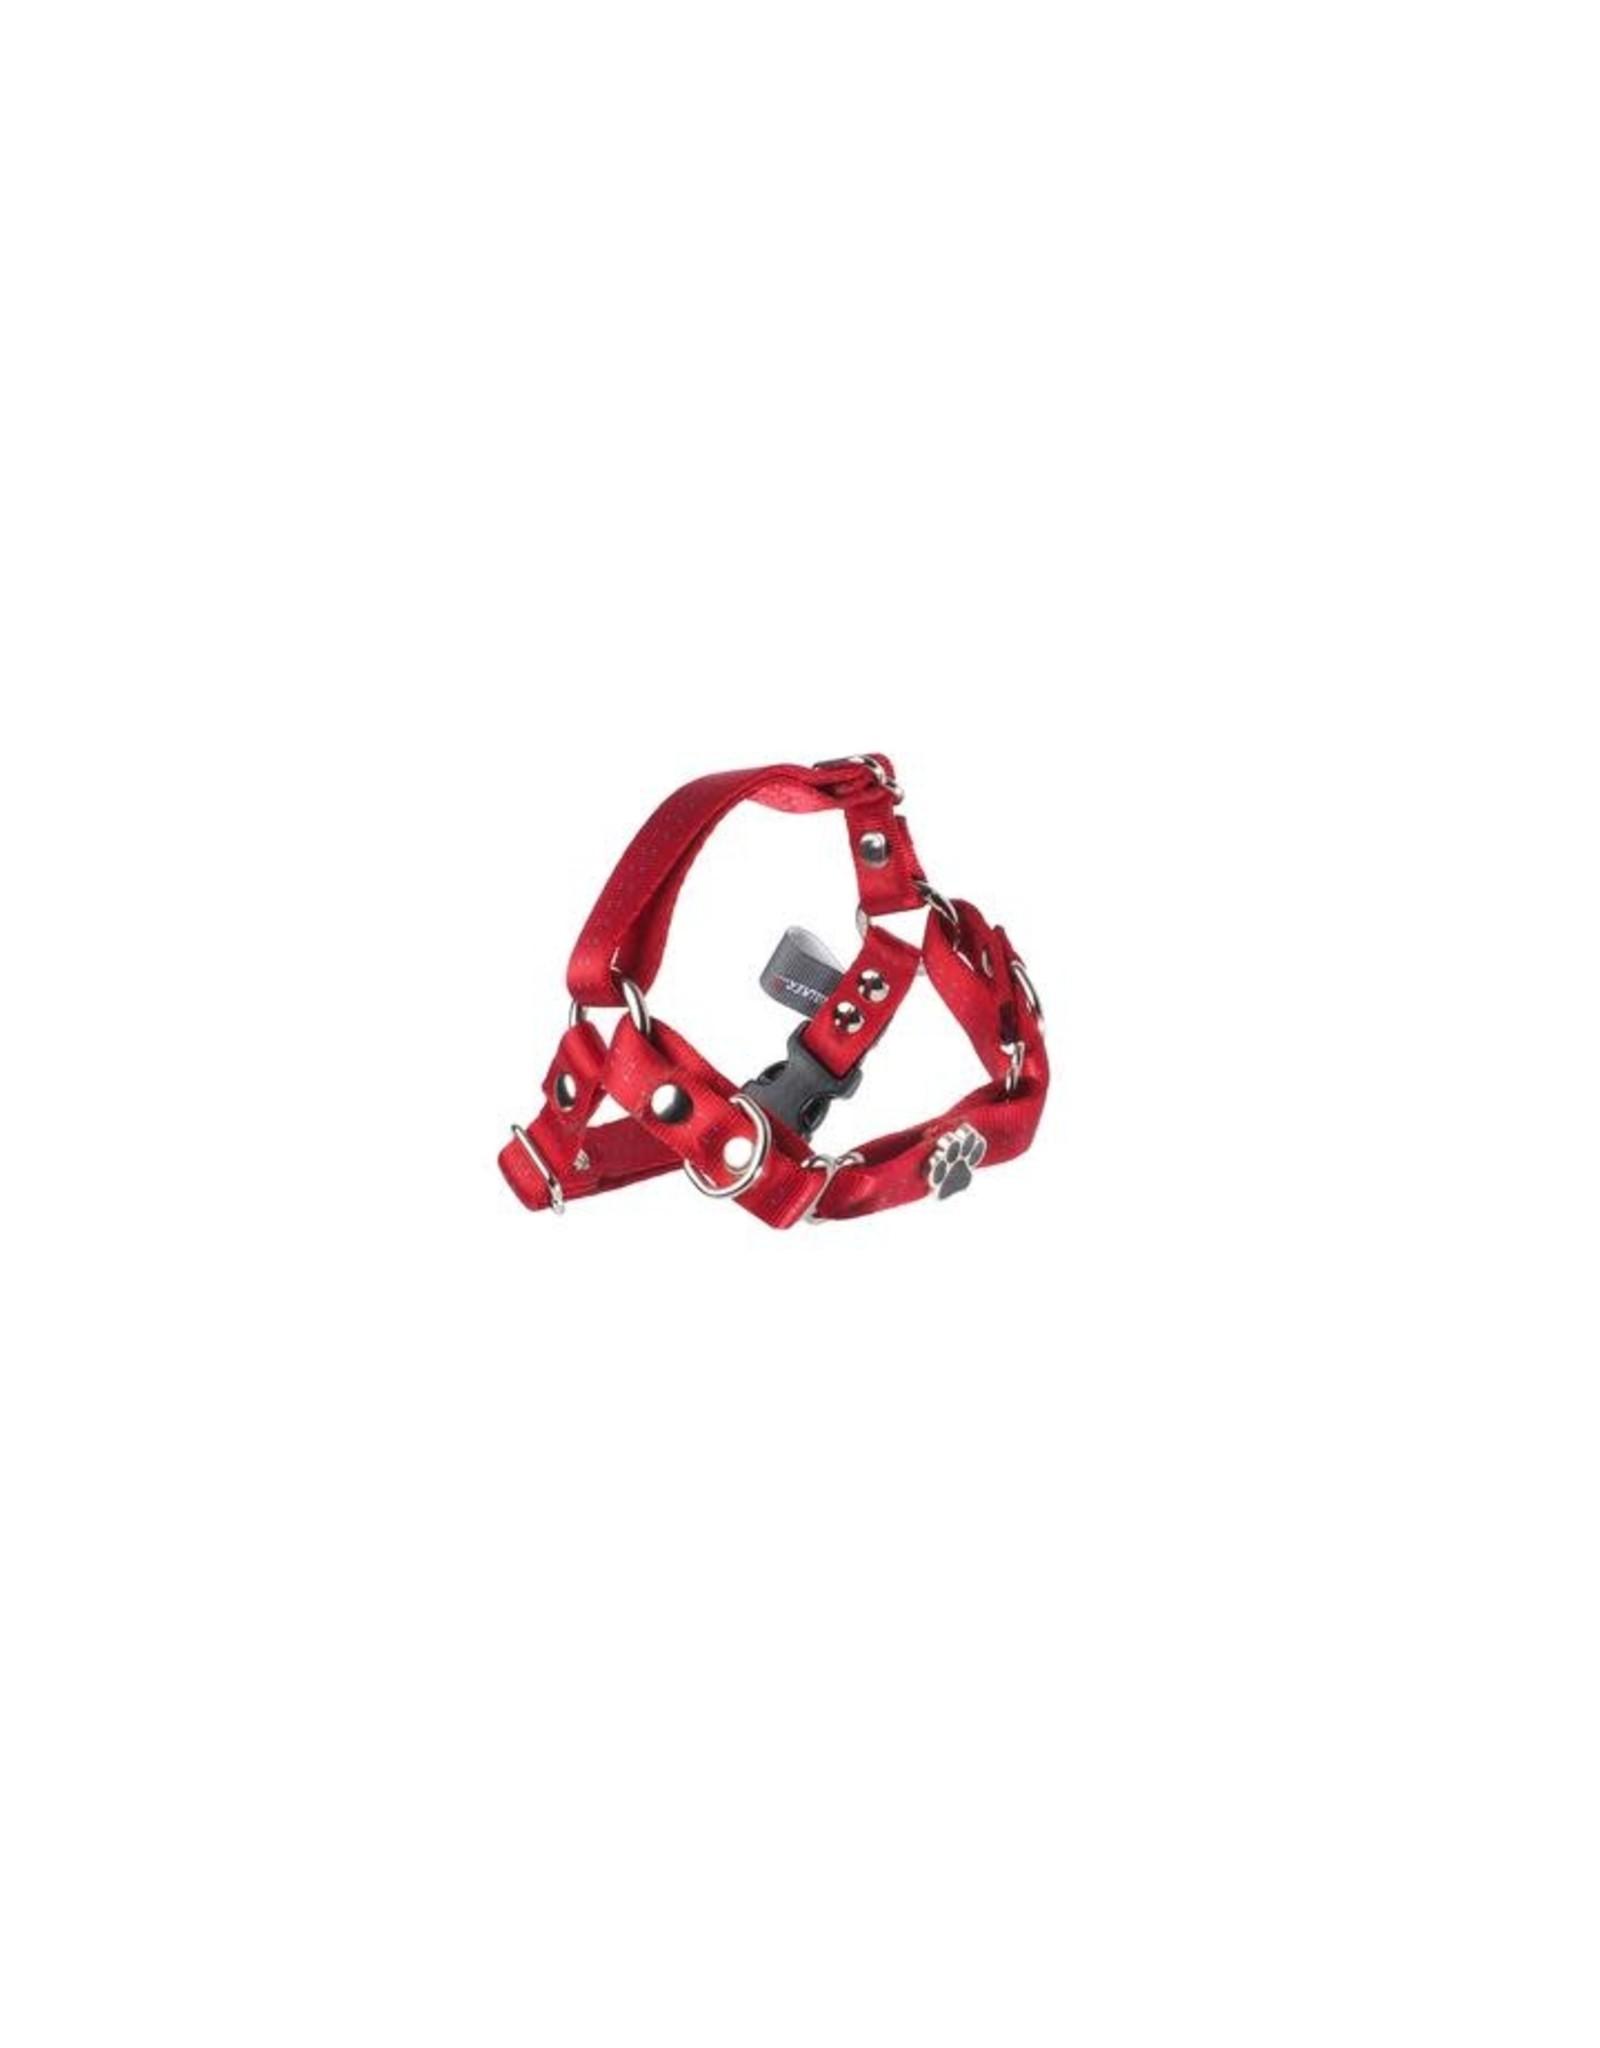 JWalker JWalker Harness - Red - Tiny